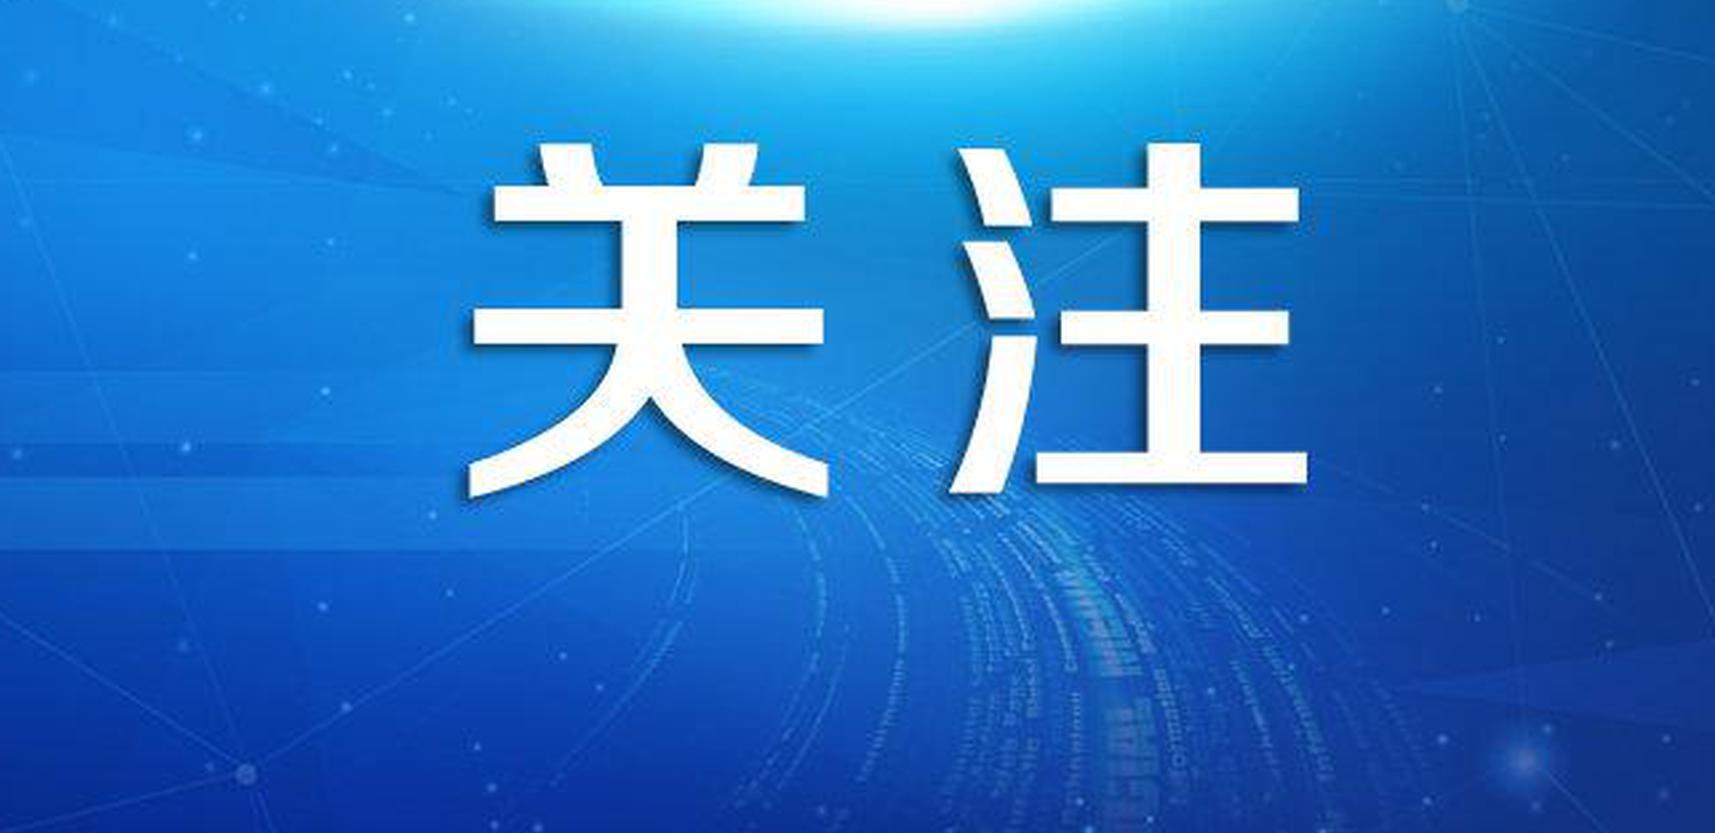 长沙县电商逆势增长 全国排名第21位